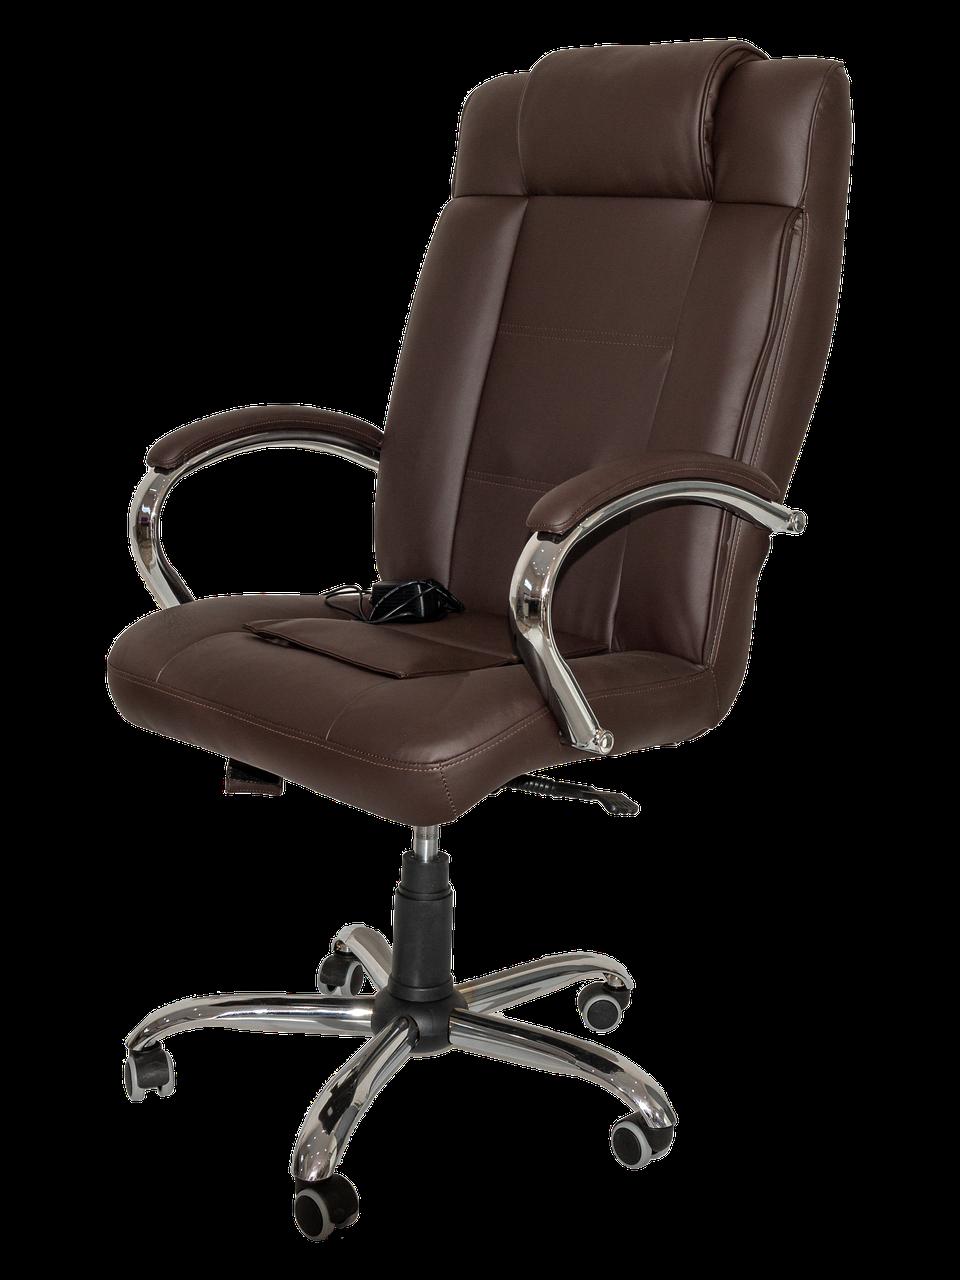 Офісне роликове масажне крісло Zenet Zet-1180